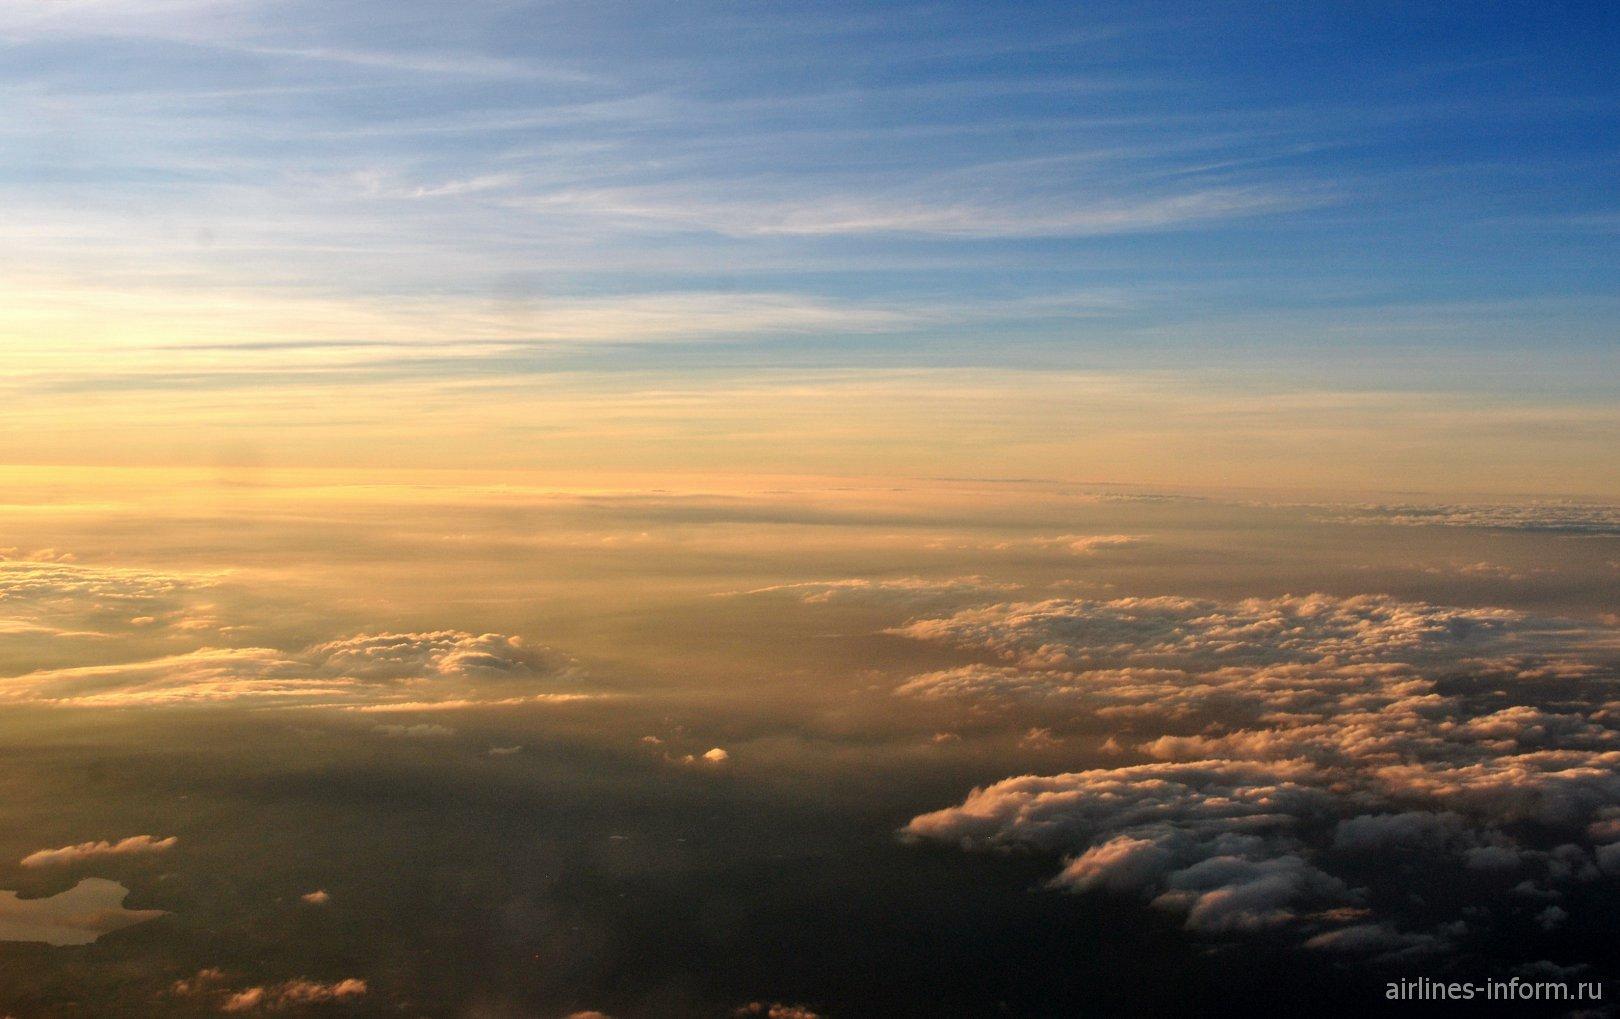 Вечерние облака над Мексикой